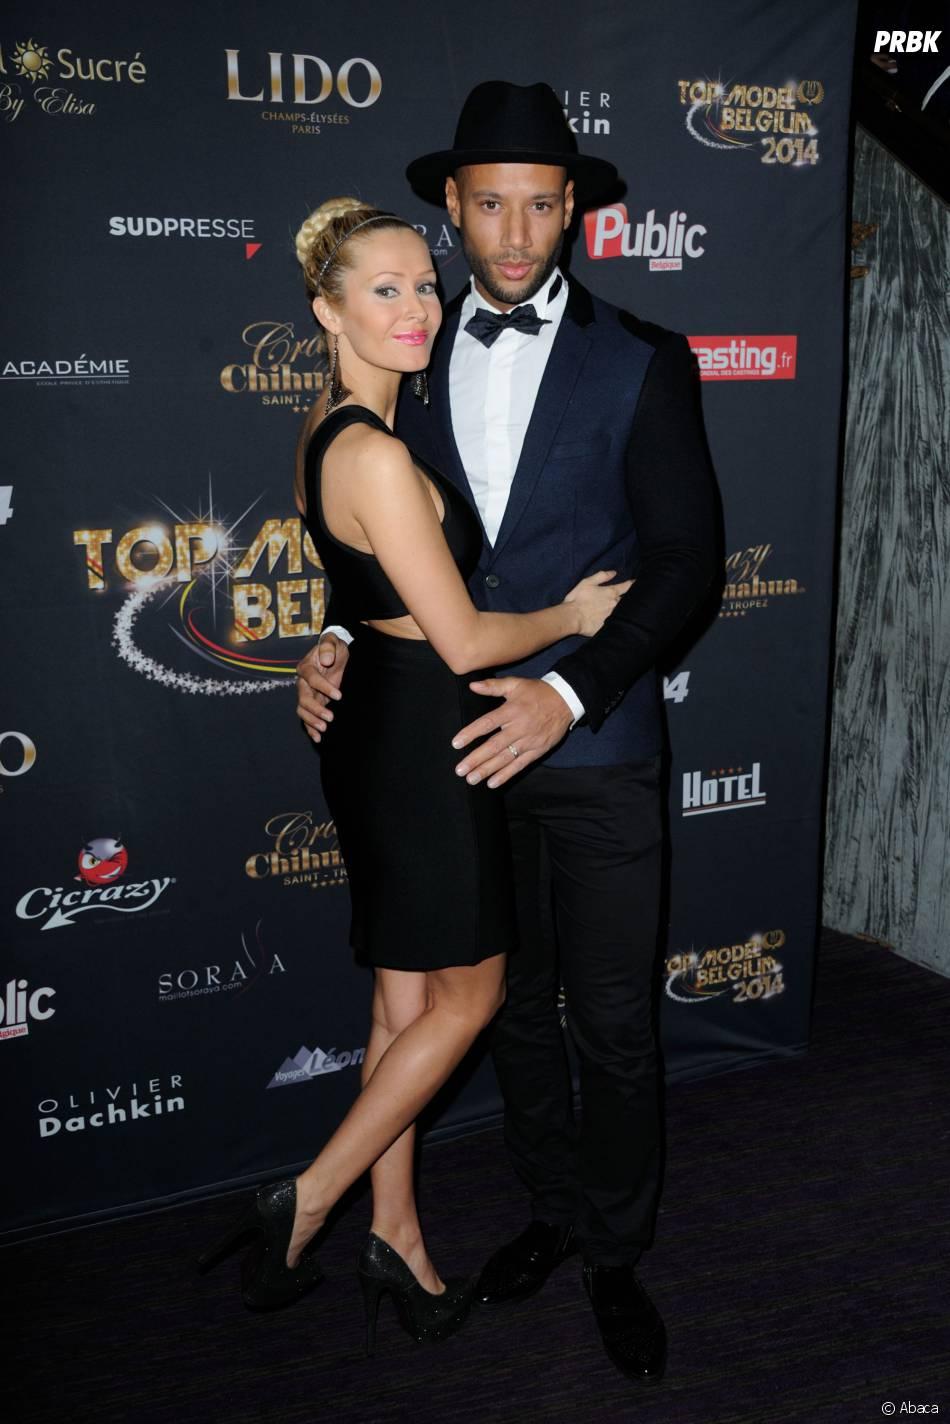 Tatiana Laurens et Xavier Delarue en couple à la finale de Top Model Belgium, le 23 novembre 2014 au Lido à Paris